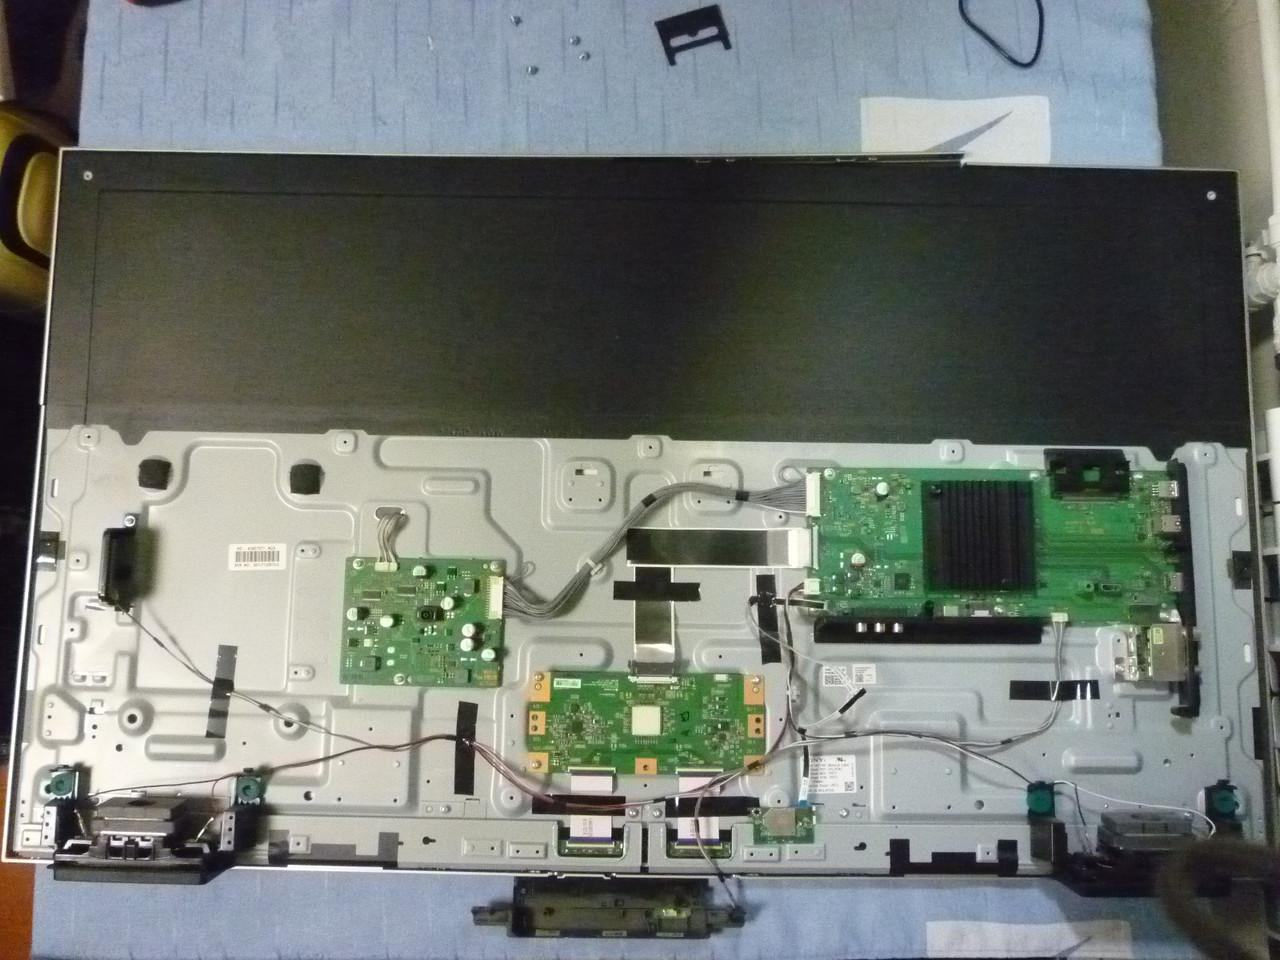 Платы от LED TV Sony KD-43XE7077 поблочно (разбита матрица).